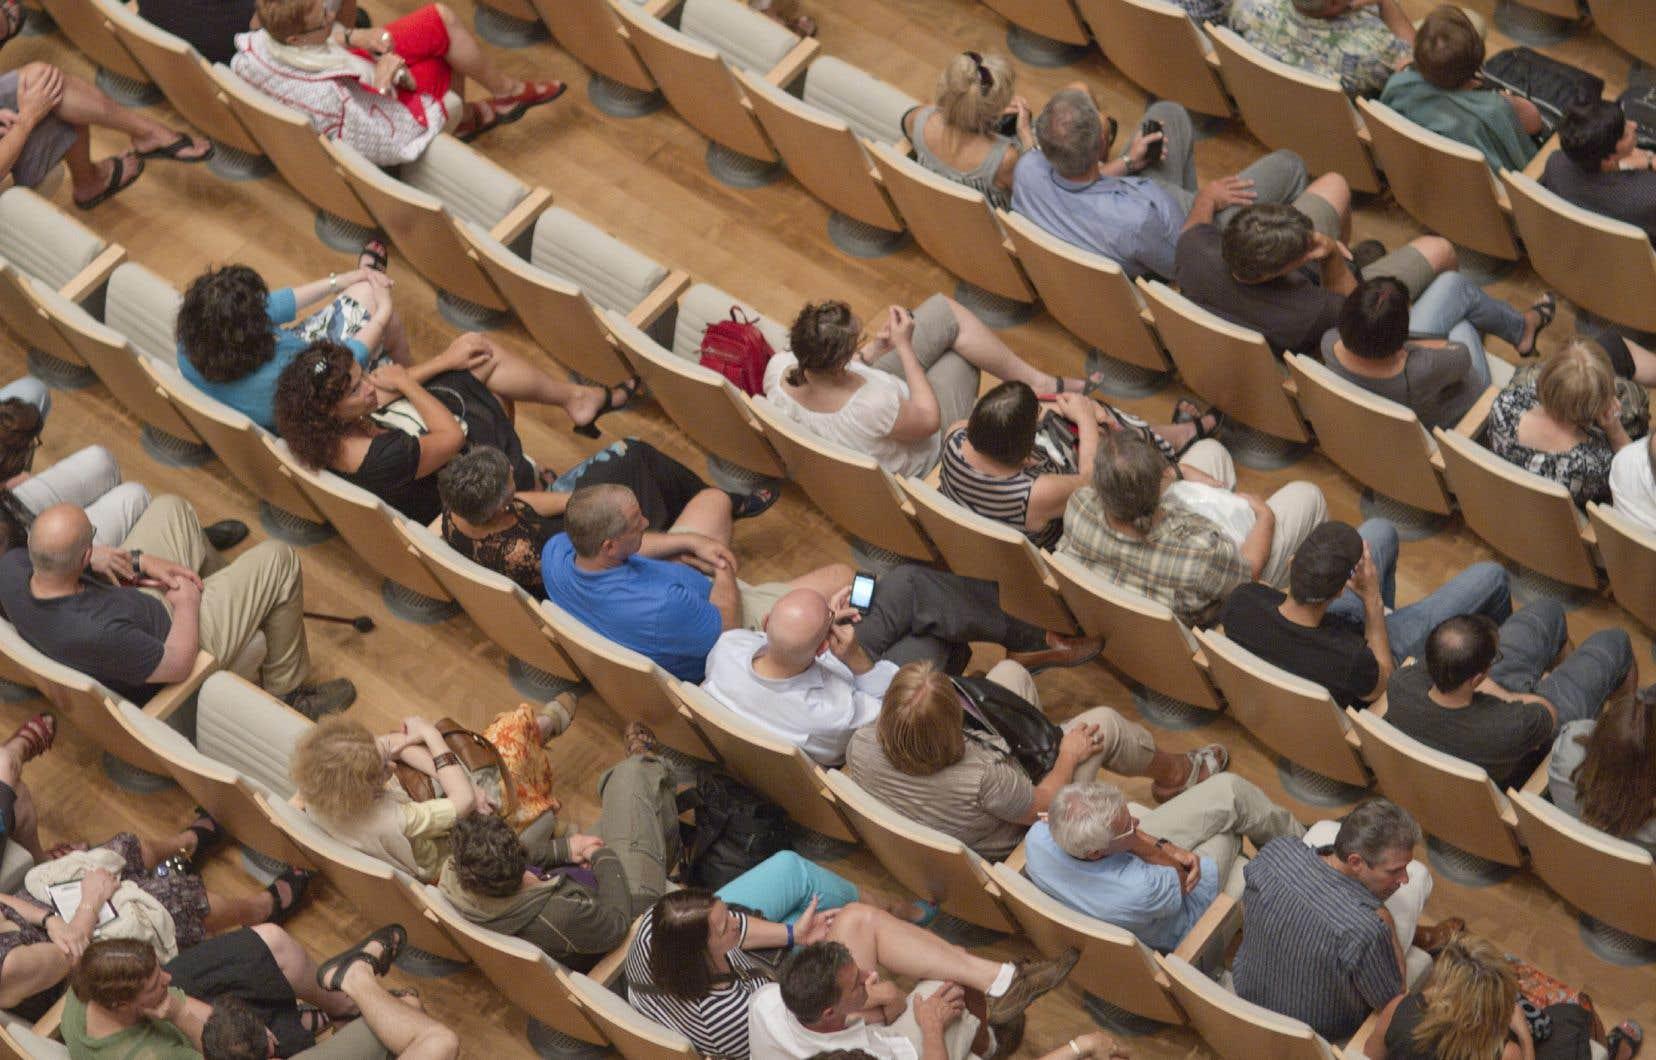 Les salles de spectacles doivent généralement être pleines à 70%, un taux d'occupation qui peut compromettre le respect de la distanciation sociale.